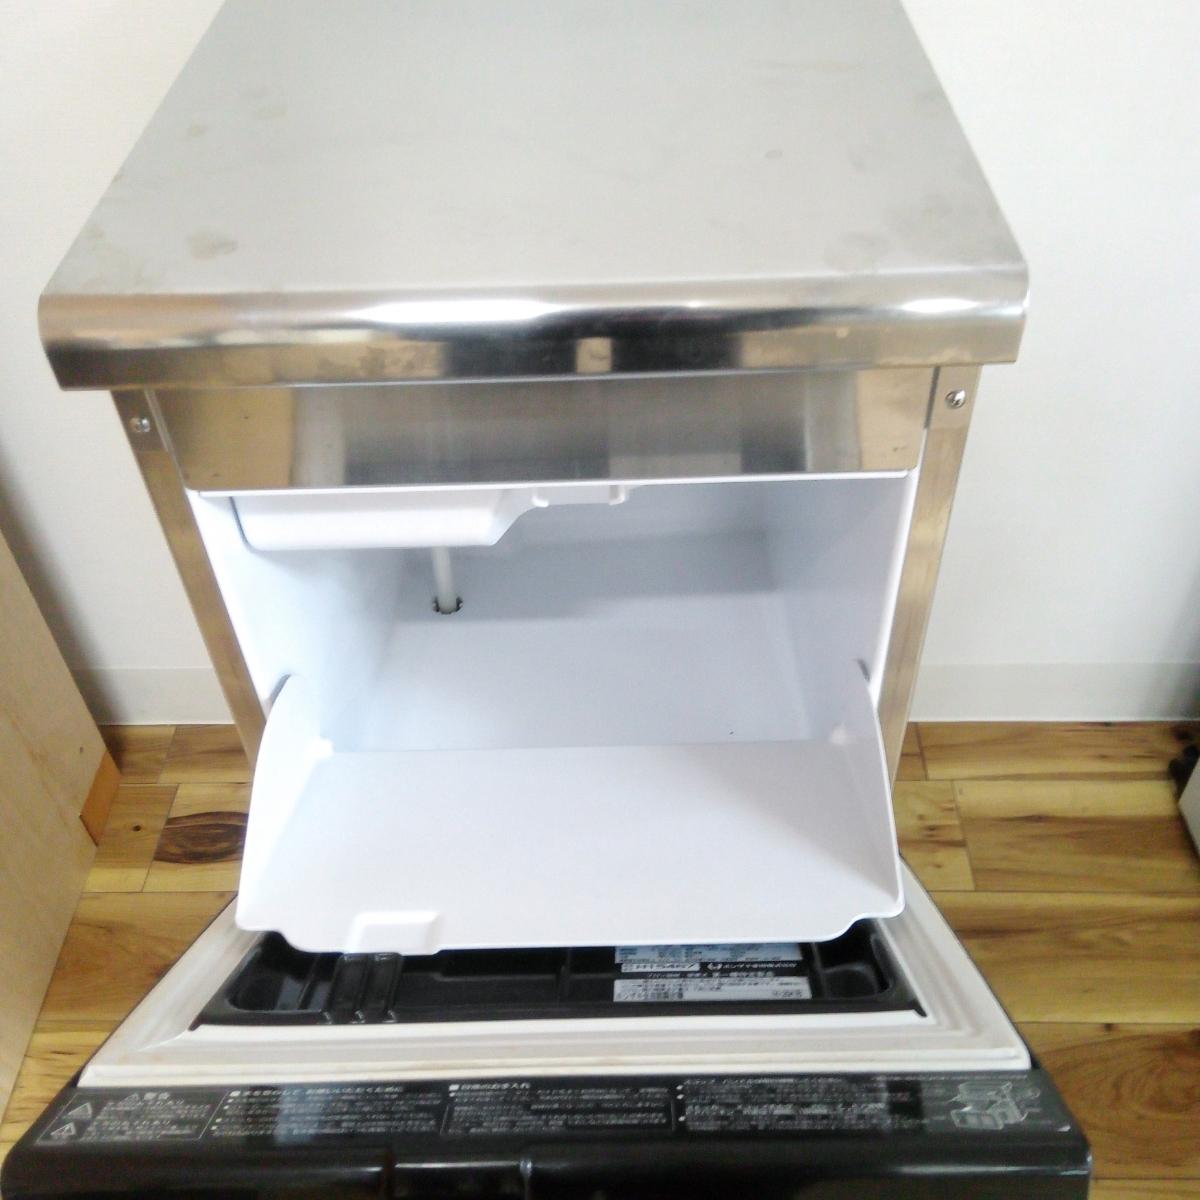 ホシザキ 全自動製氷機 業務用 台下 製氷機 IM-25M 25kg 配送可 引取可 _画像2